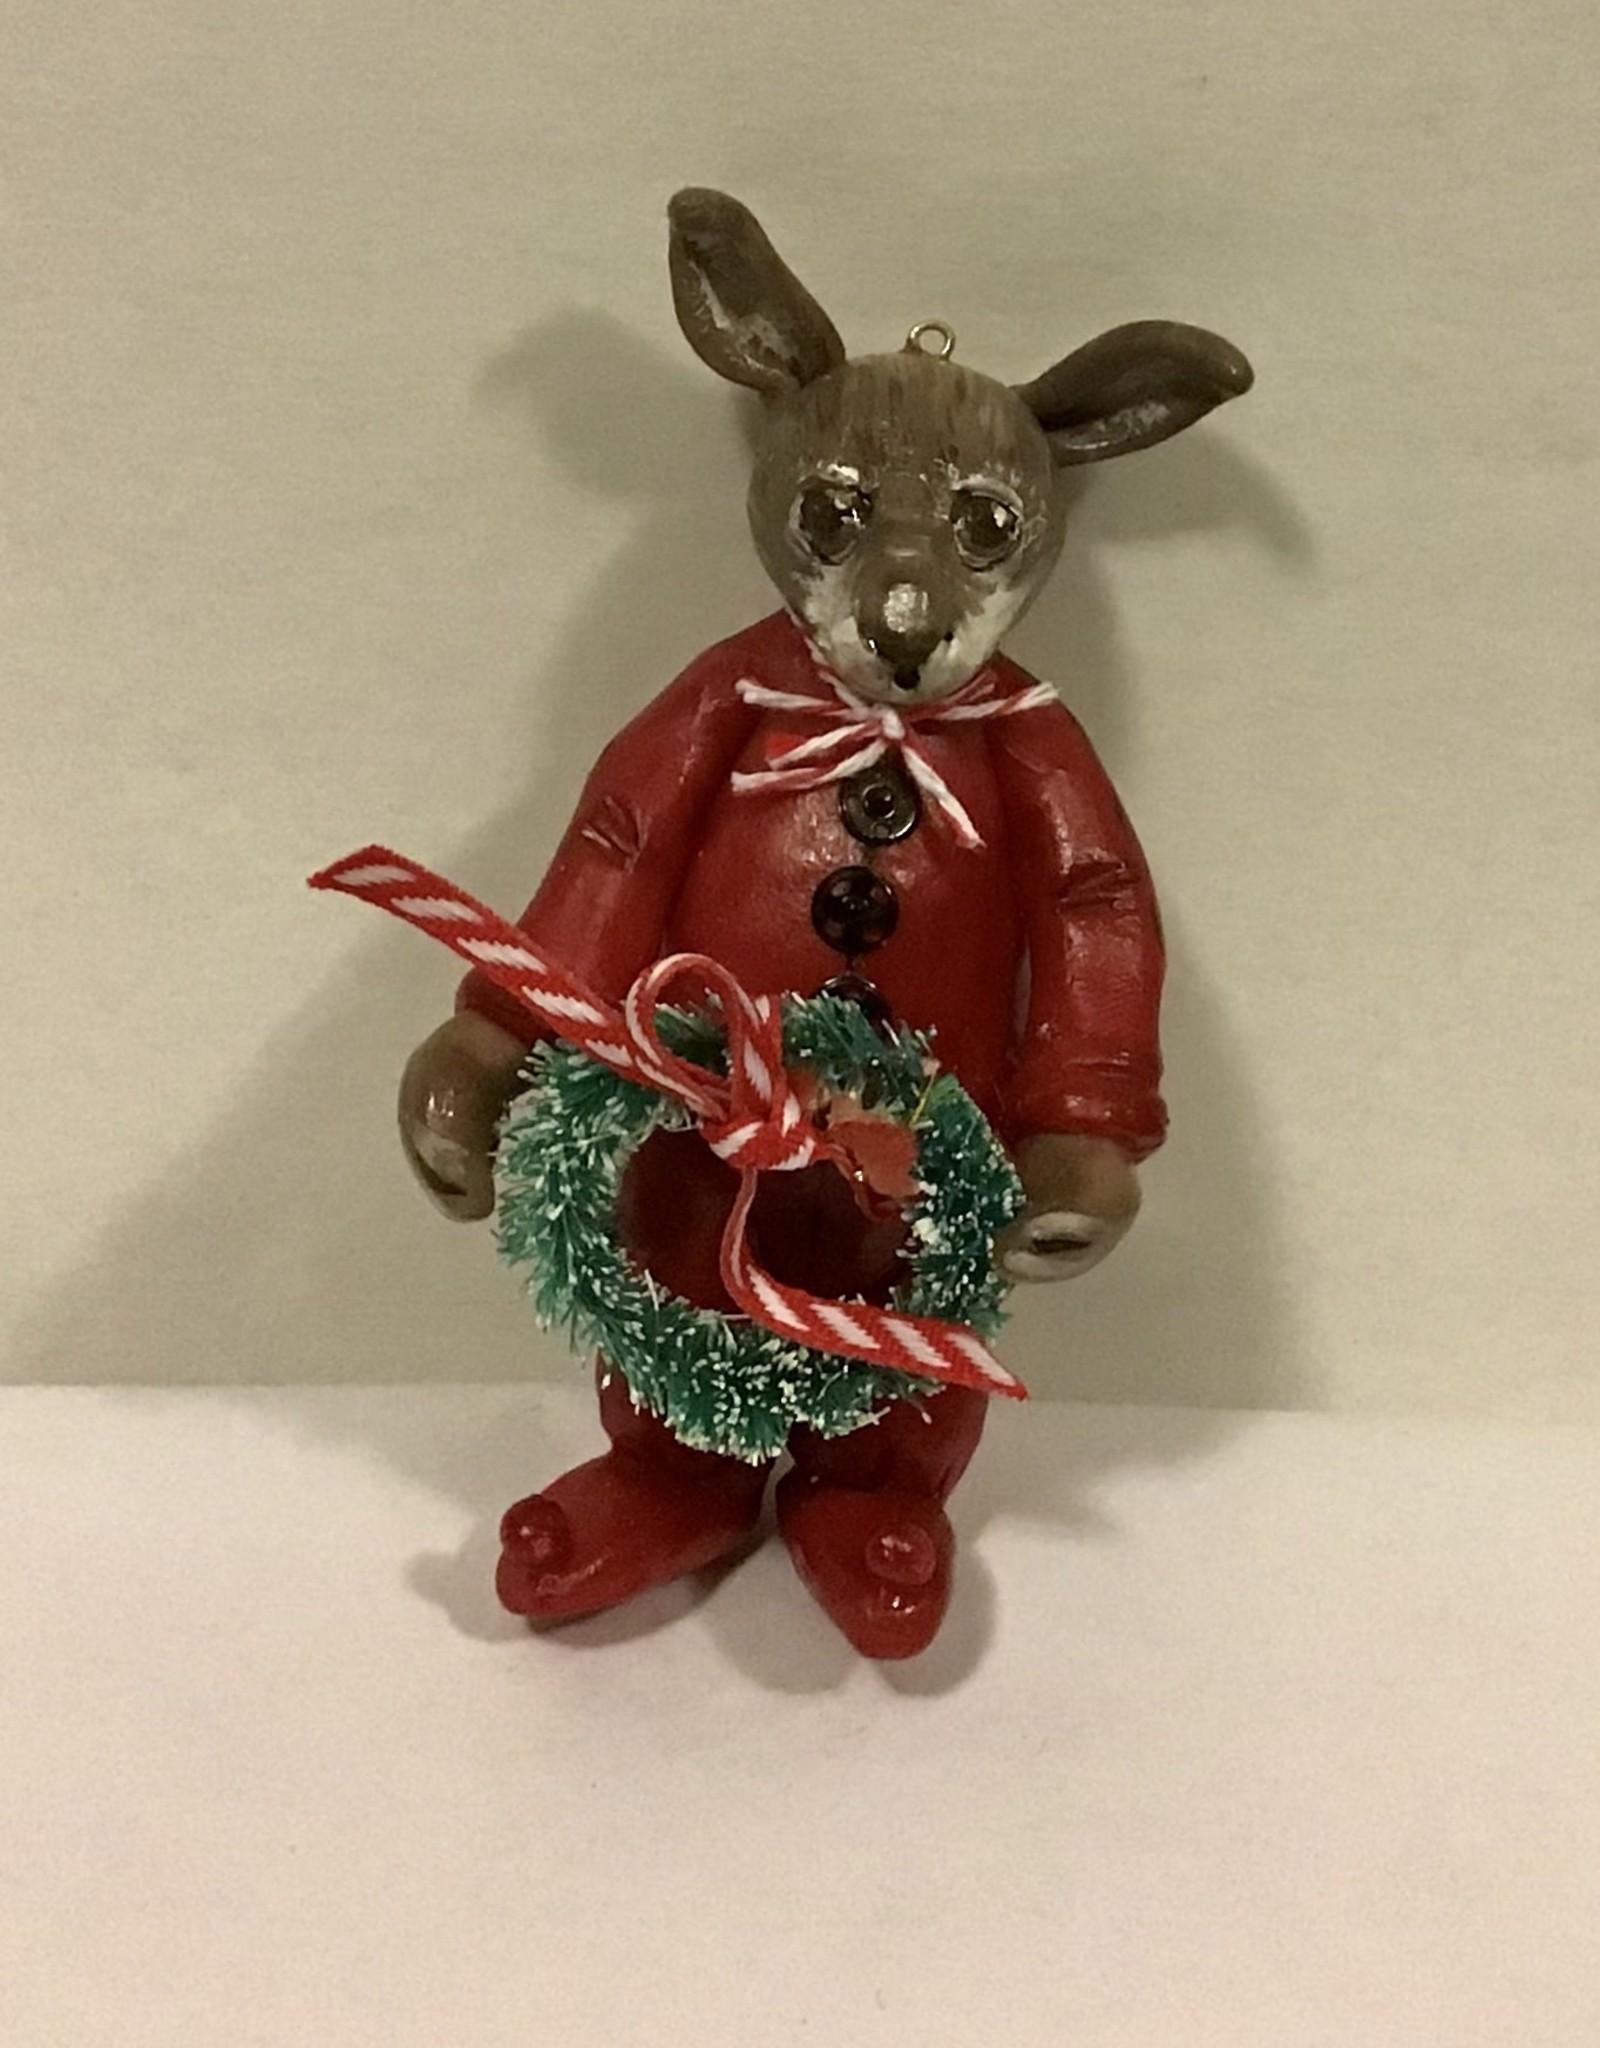 Karen Friedstrom Christmas-Potter bunny ornament